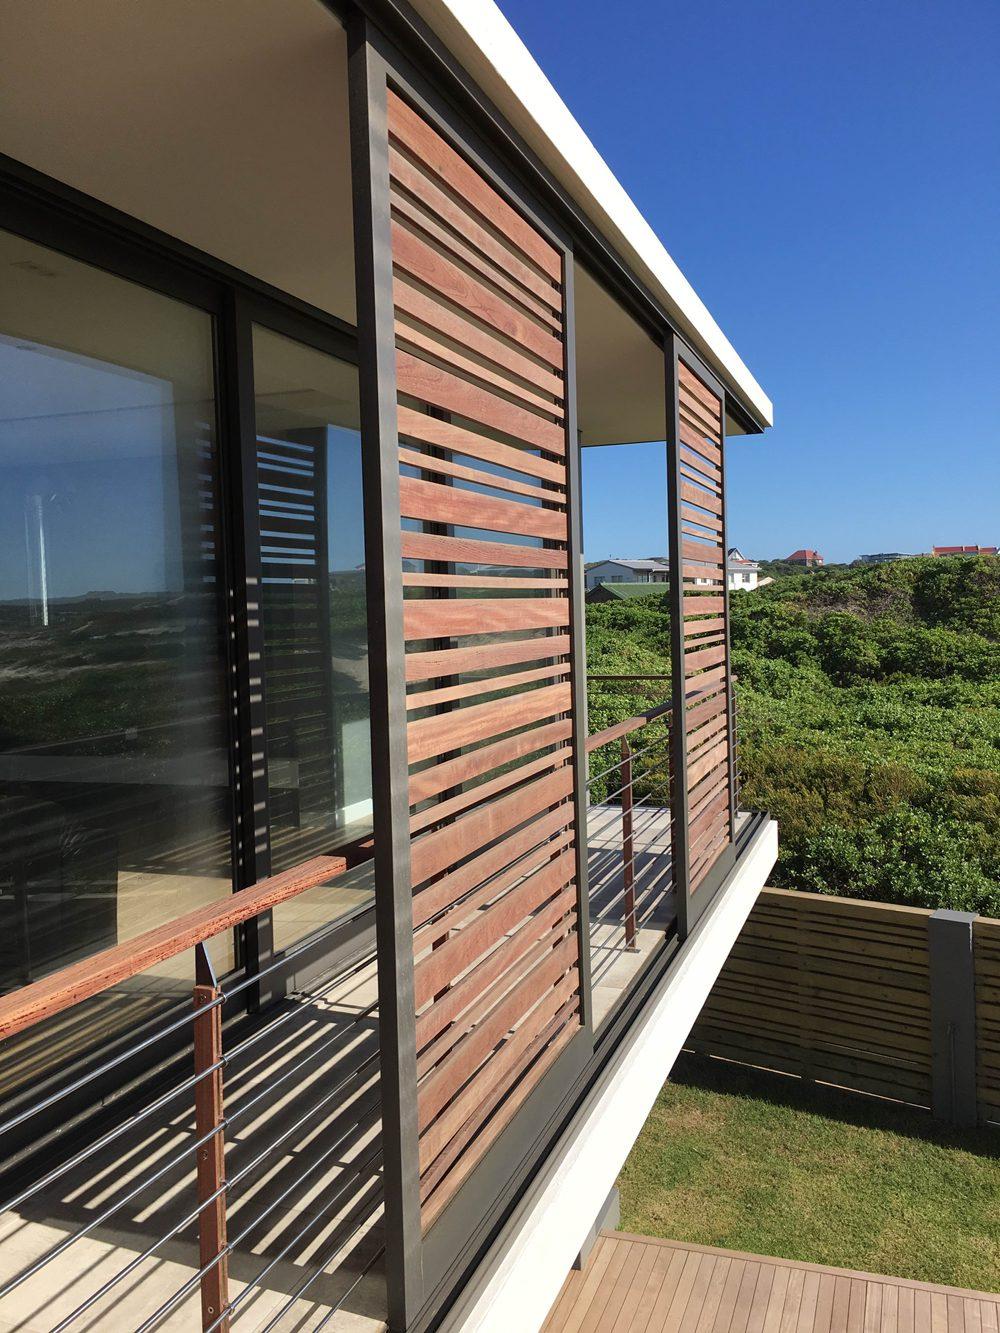 House Schewitz - Upper Decks Detail